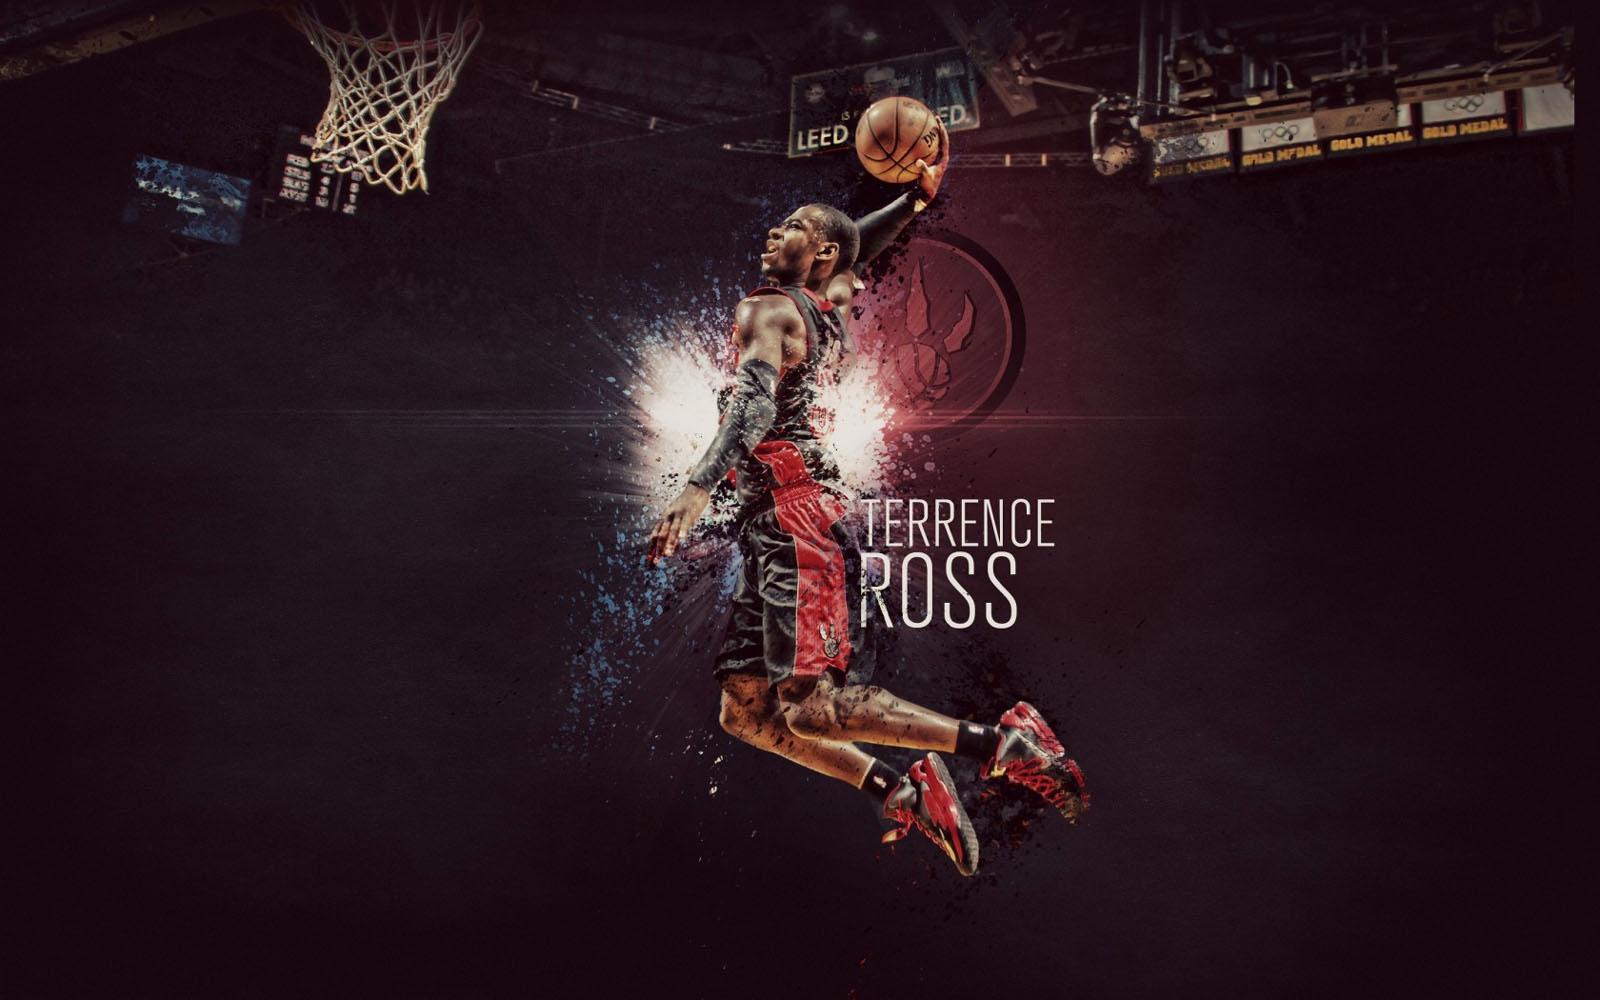 Ross 2013 Toronto Raptors Slam Dunk NBA HD Desktop Wallpaper CaT 1600x1000